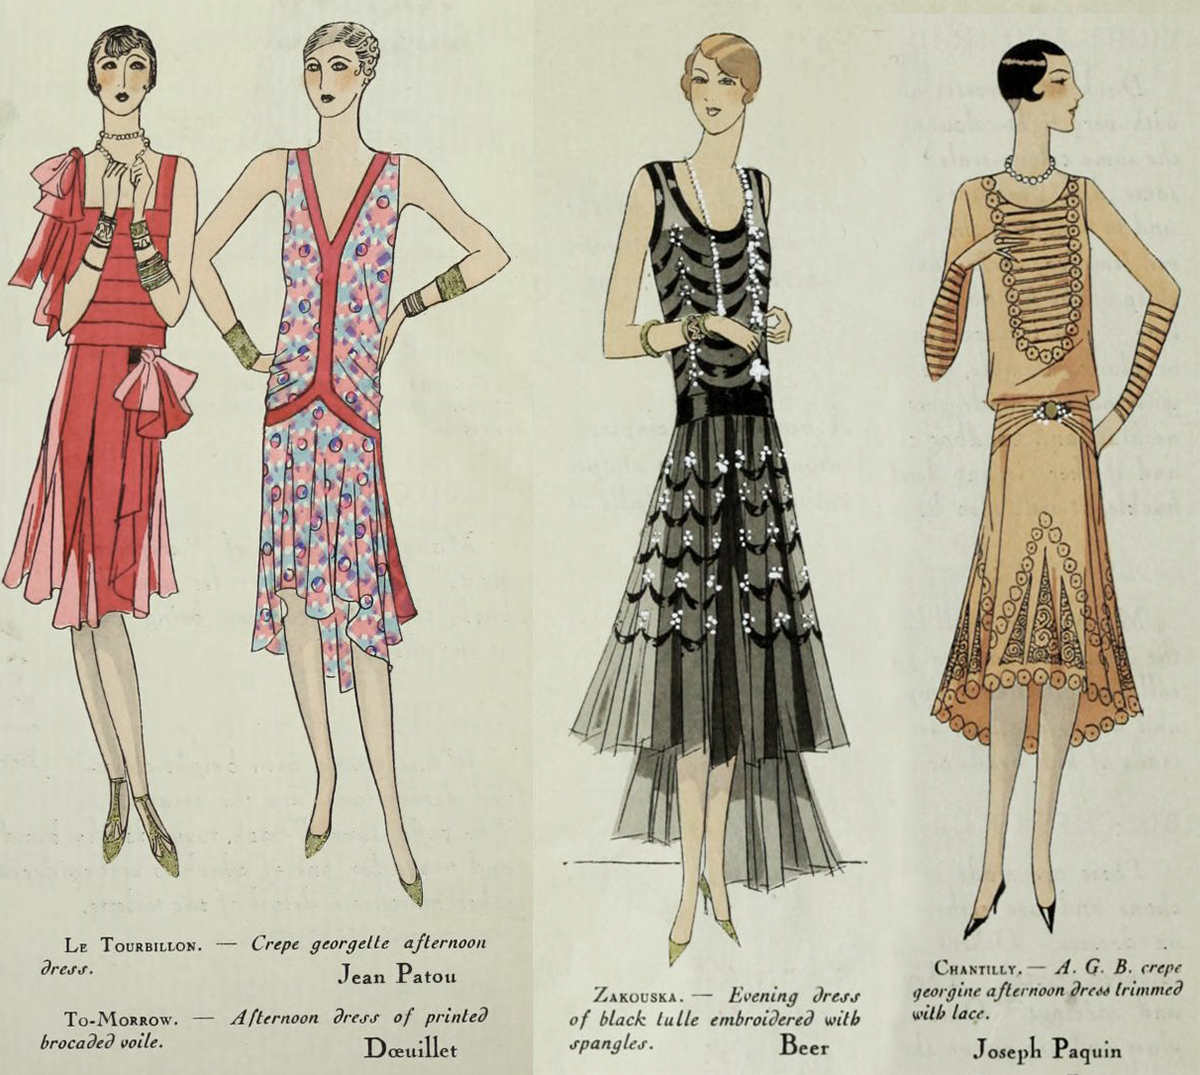 1920s Fashion - Paris 1928 - Patou and Paquin